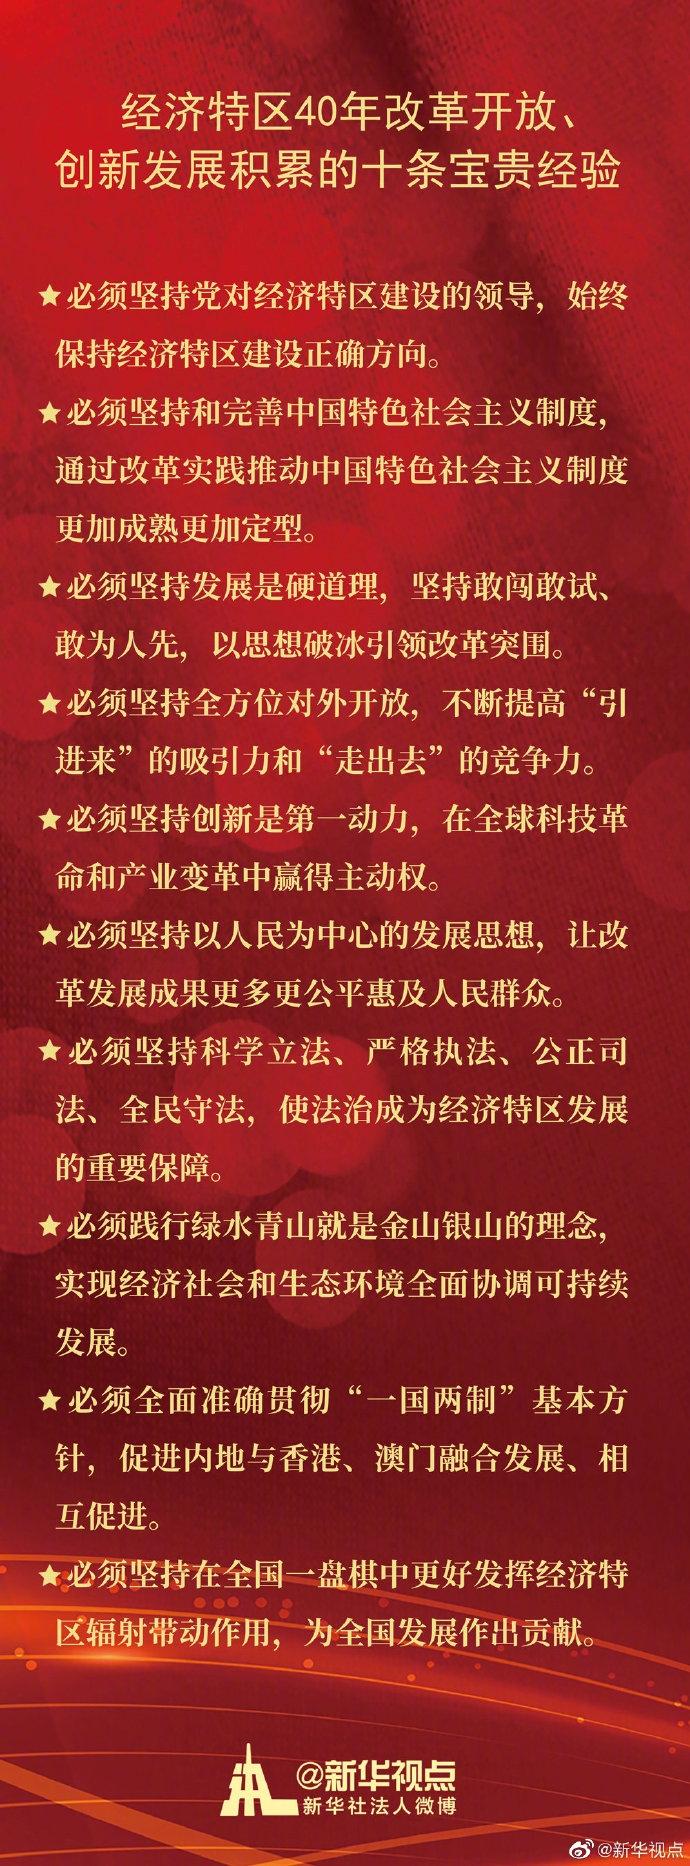 习近平:经济特区在40年的改革开放、创新发展中积累了10条宝贵经验